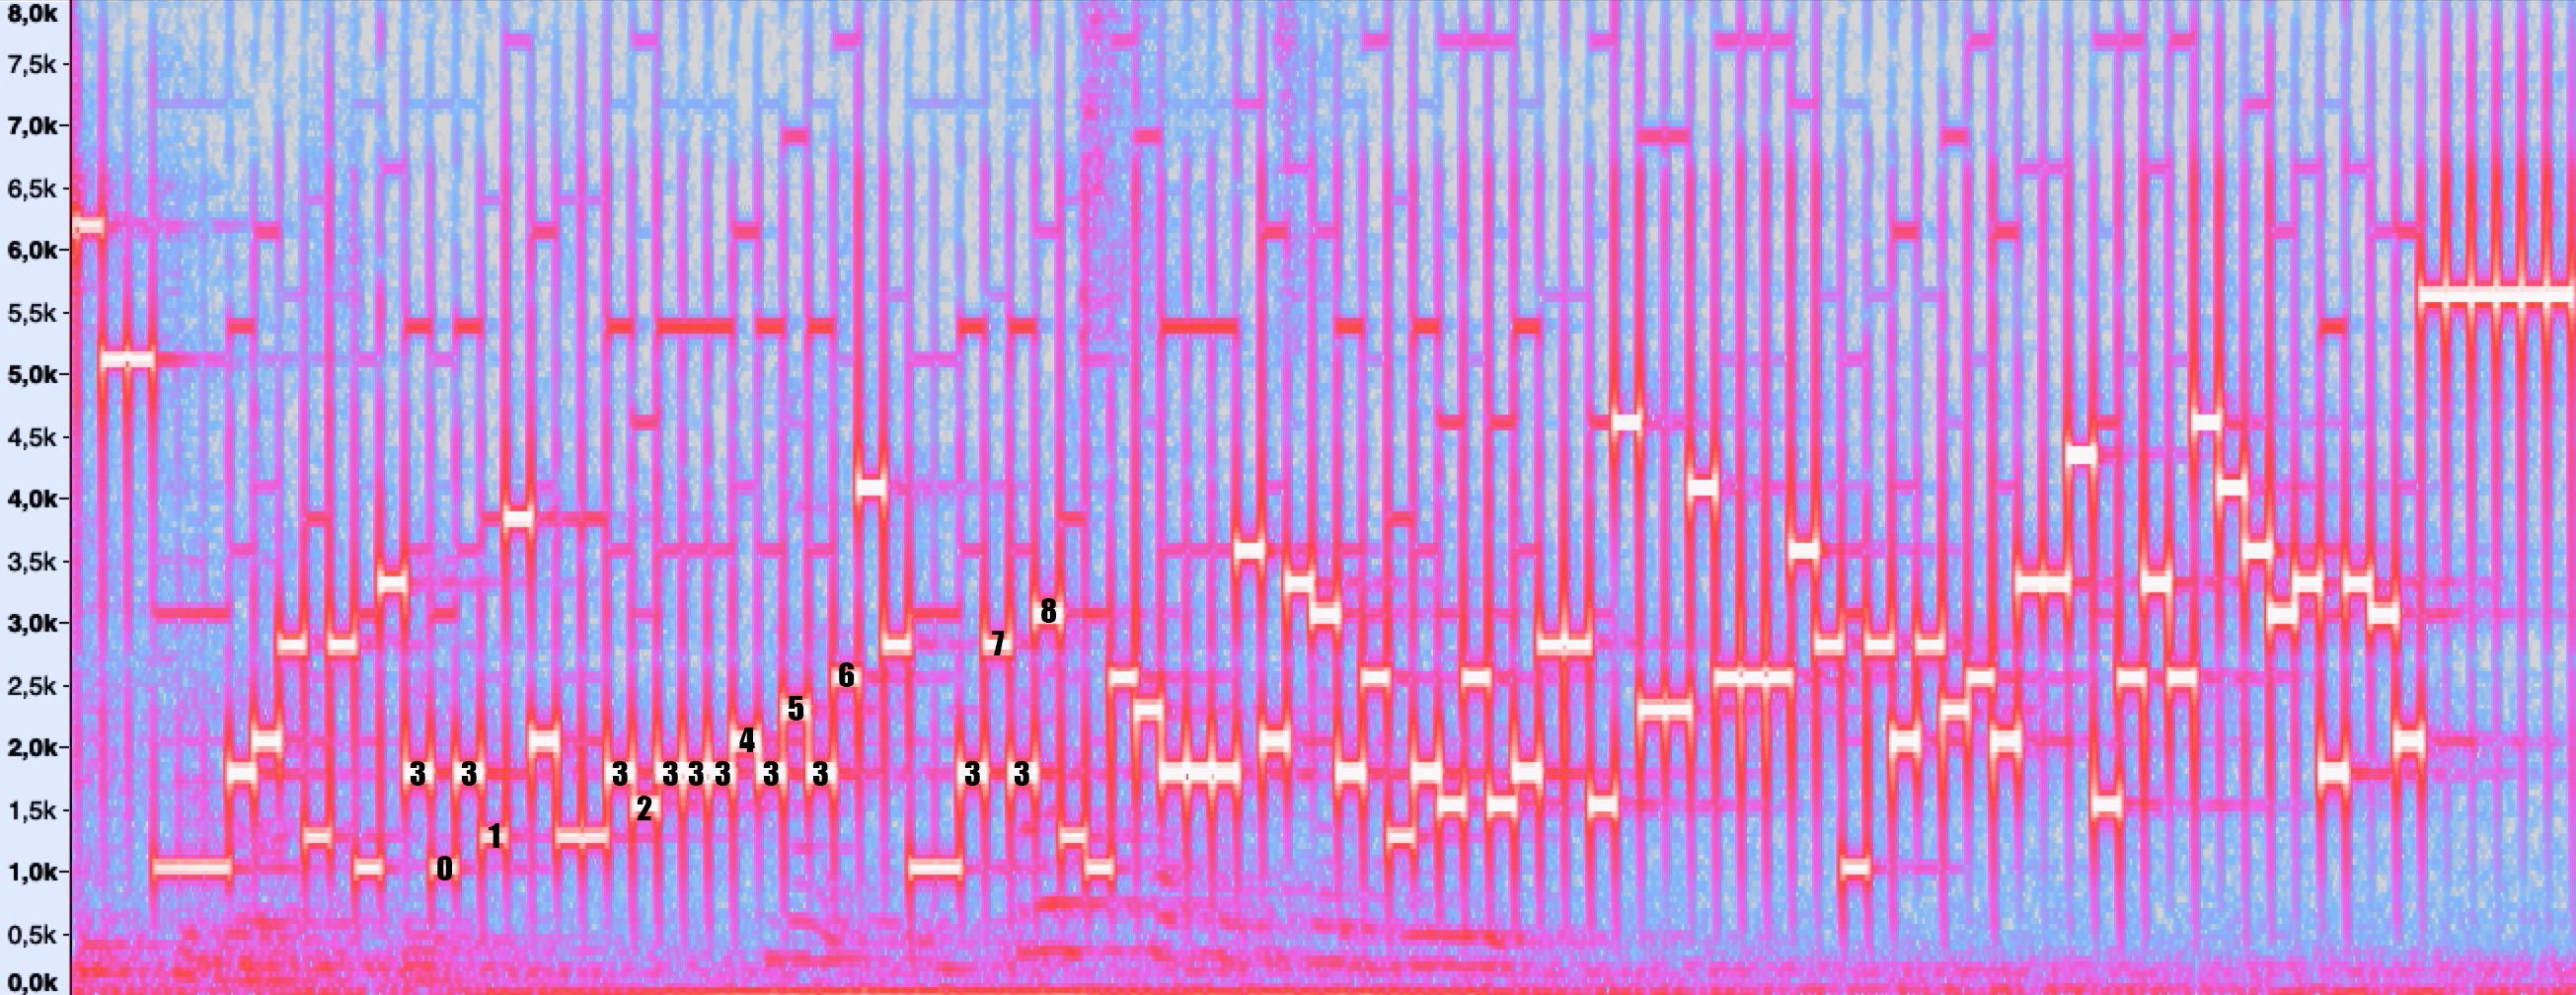 Как уязвимость в Яндекс.Станции вдохновила меня на проект: Музыкальная передача данных - 2